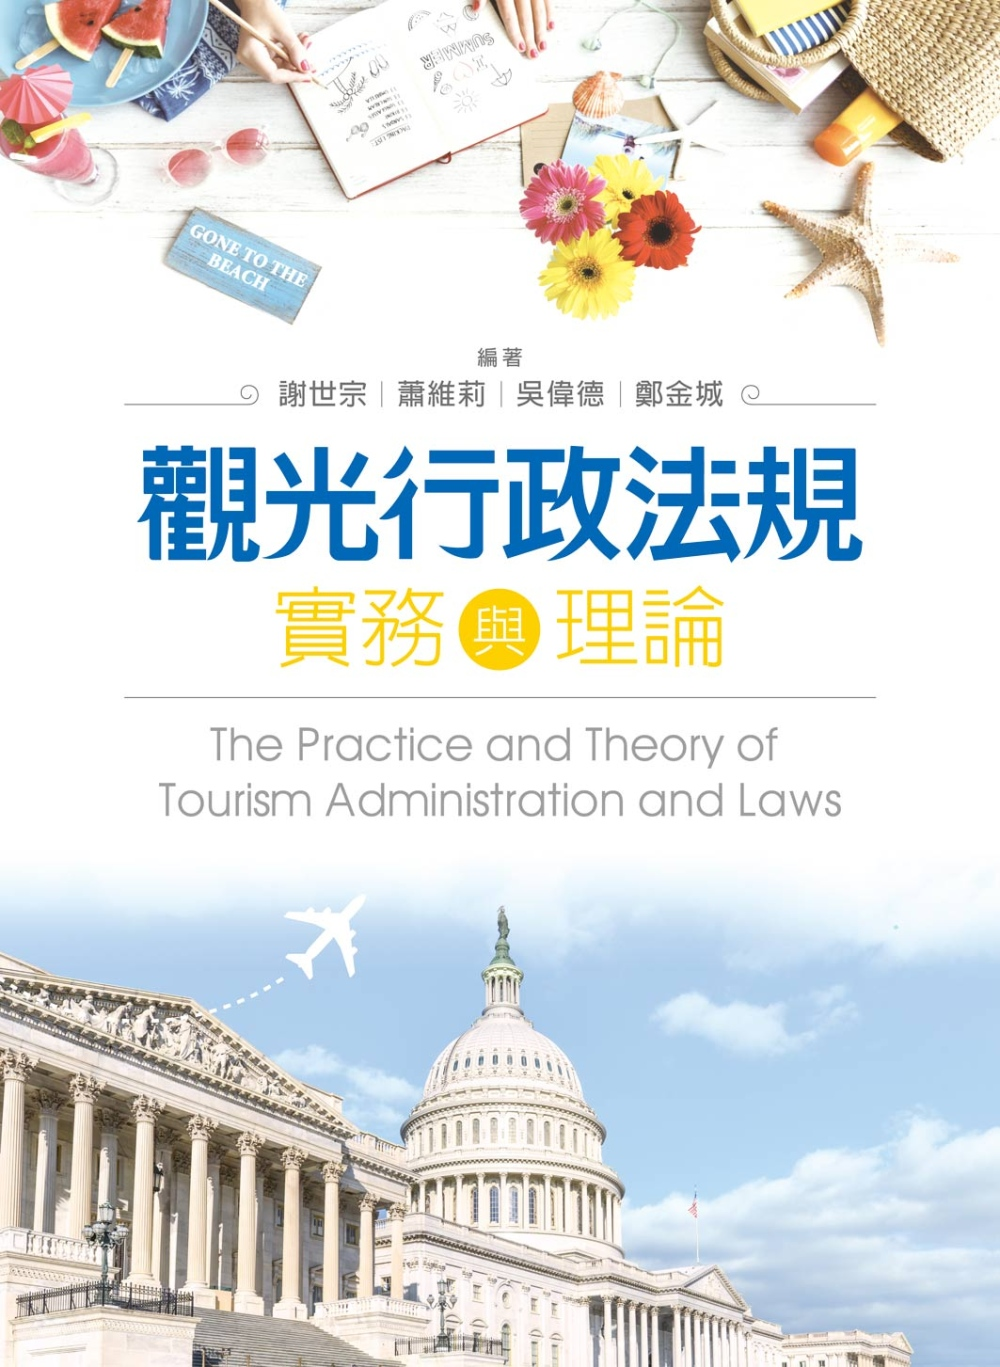 觀光行政法規實務與理論